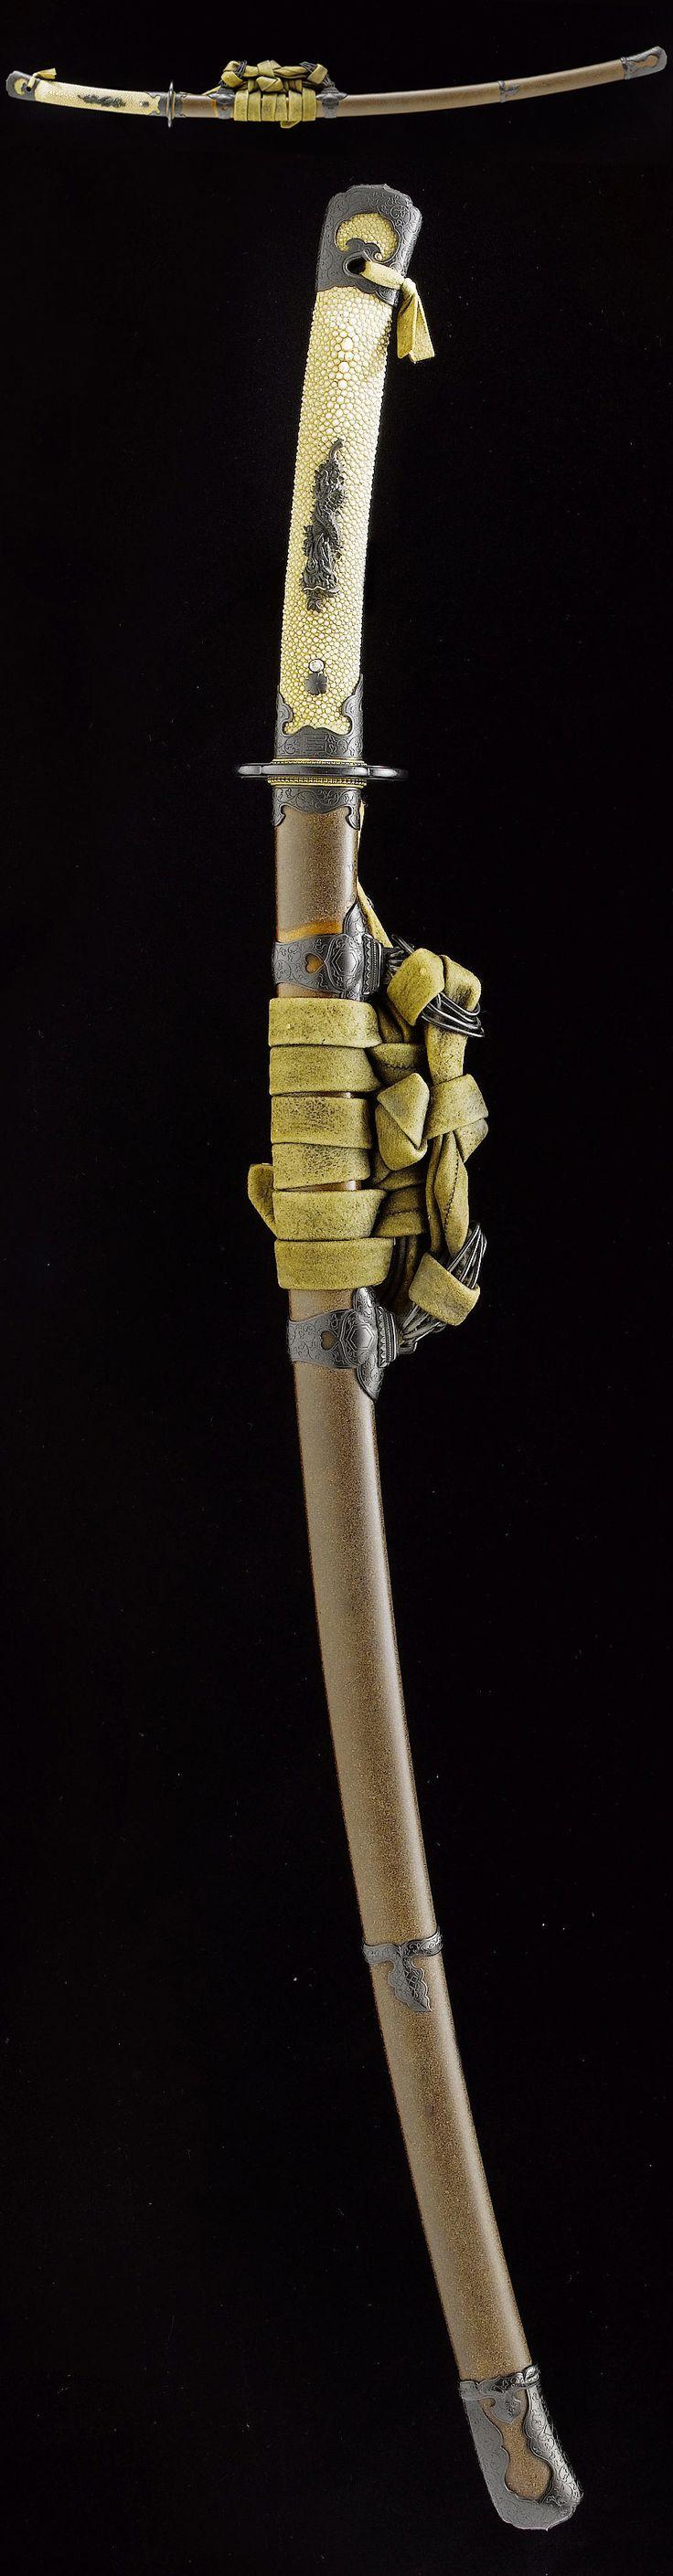 Tachi Koshirae with Beautiful Handachi Fittings - Samurai Sword Shop Info Center